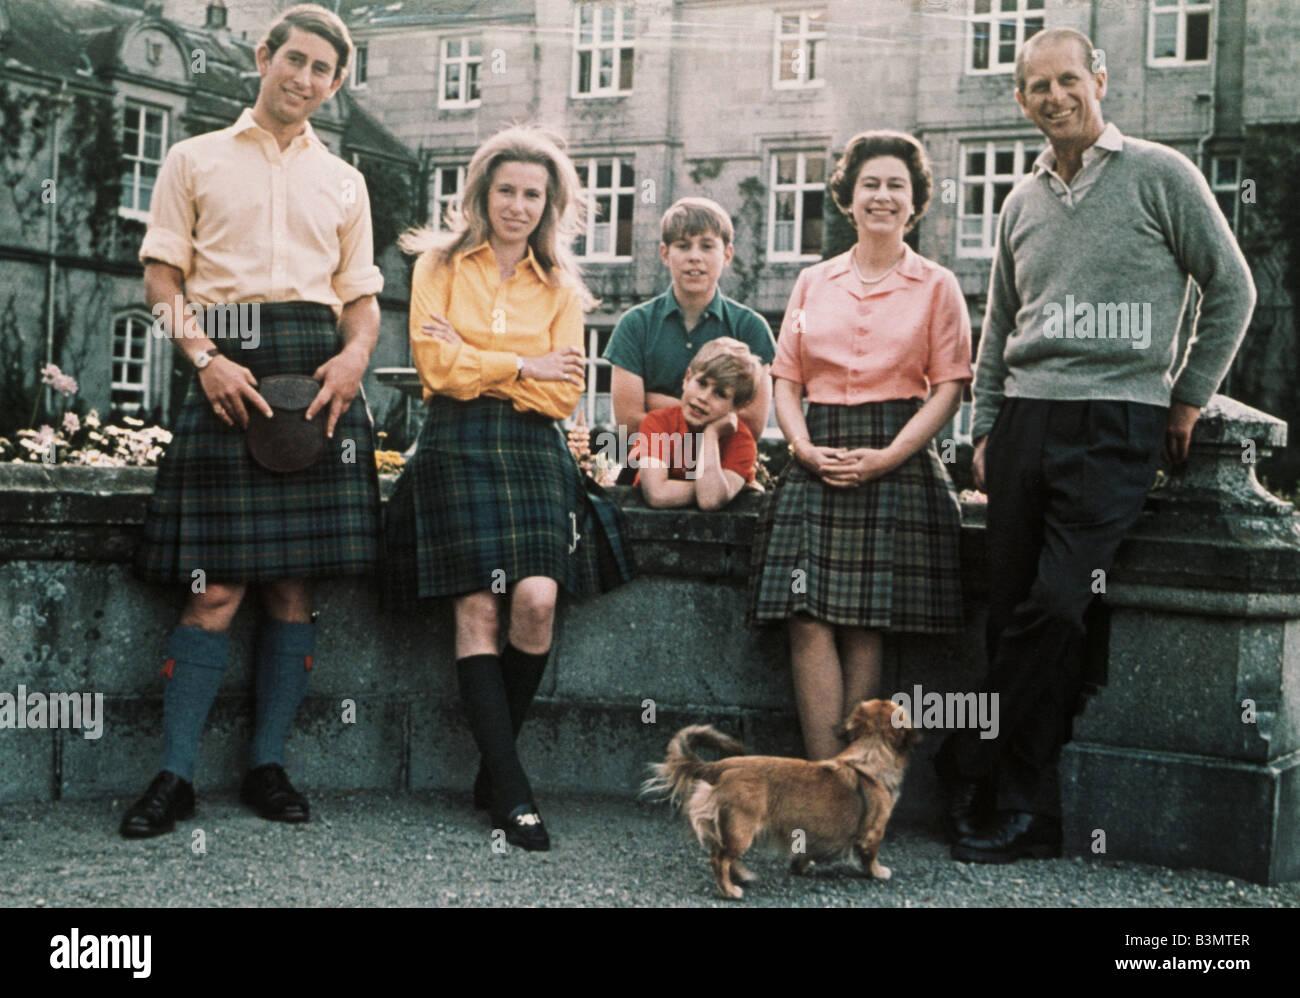 La Reina Isabel II en Balmoral con el Príncipe Carlos, la Princesa Ana, el Príncipe Edward, príncipe Imagen De Stock